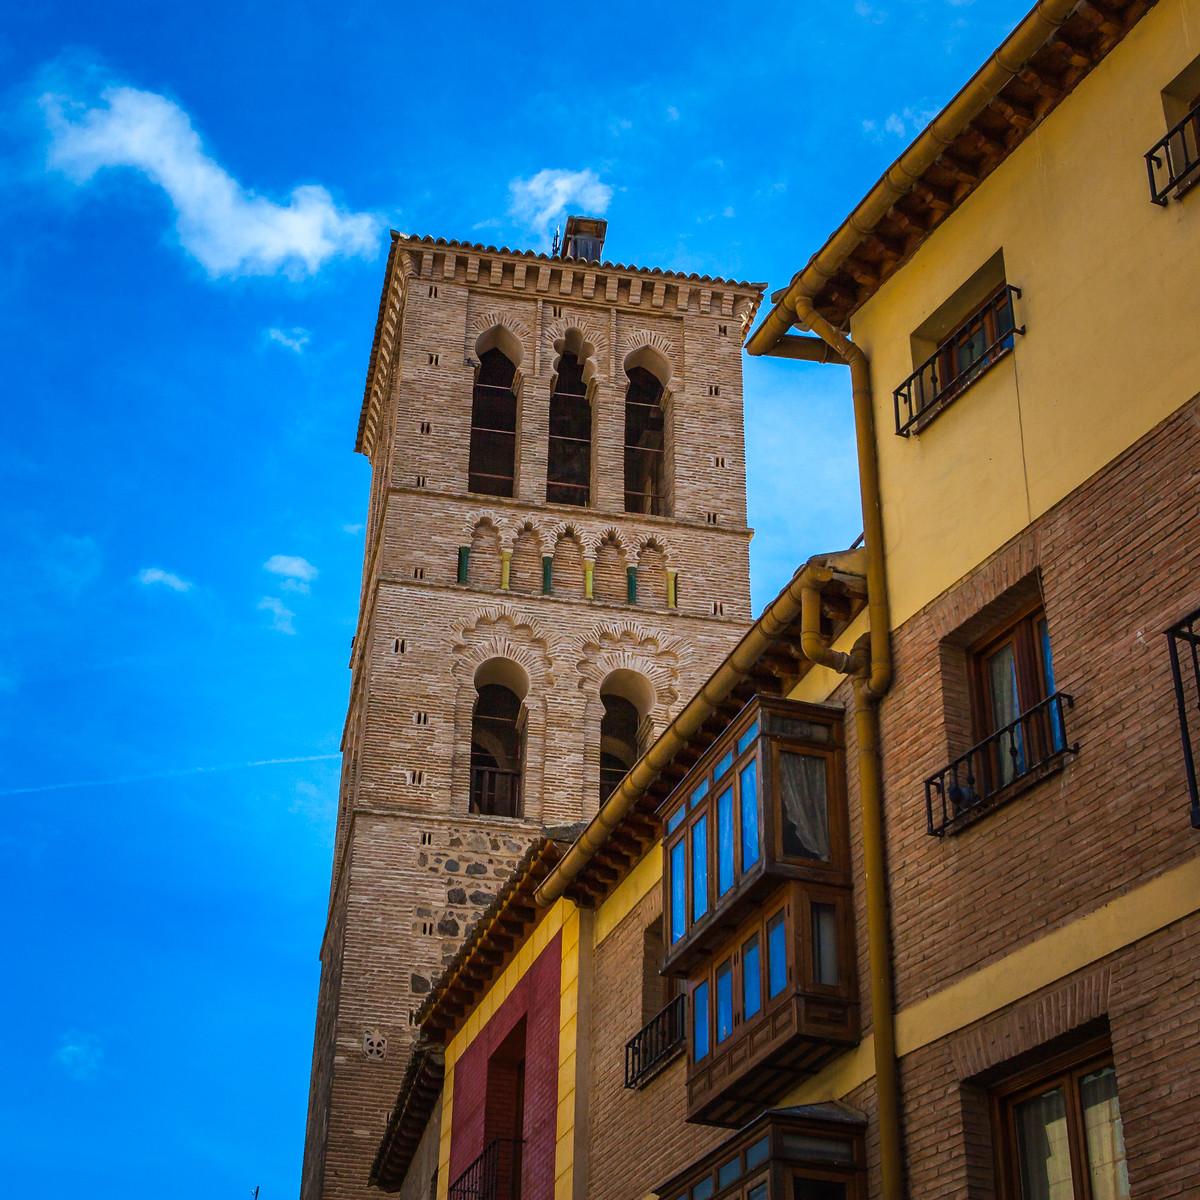 西班牙小鎮的古建築,走近看一看_圖1-2